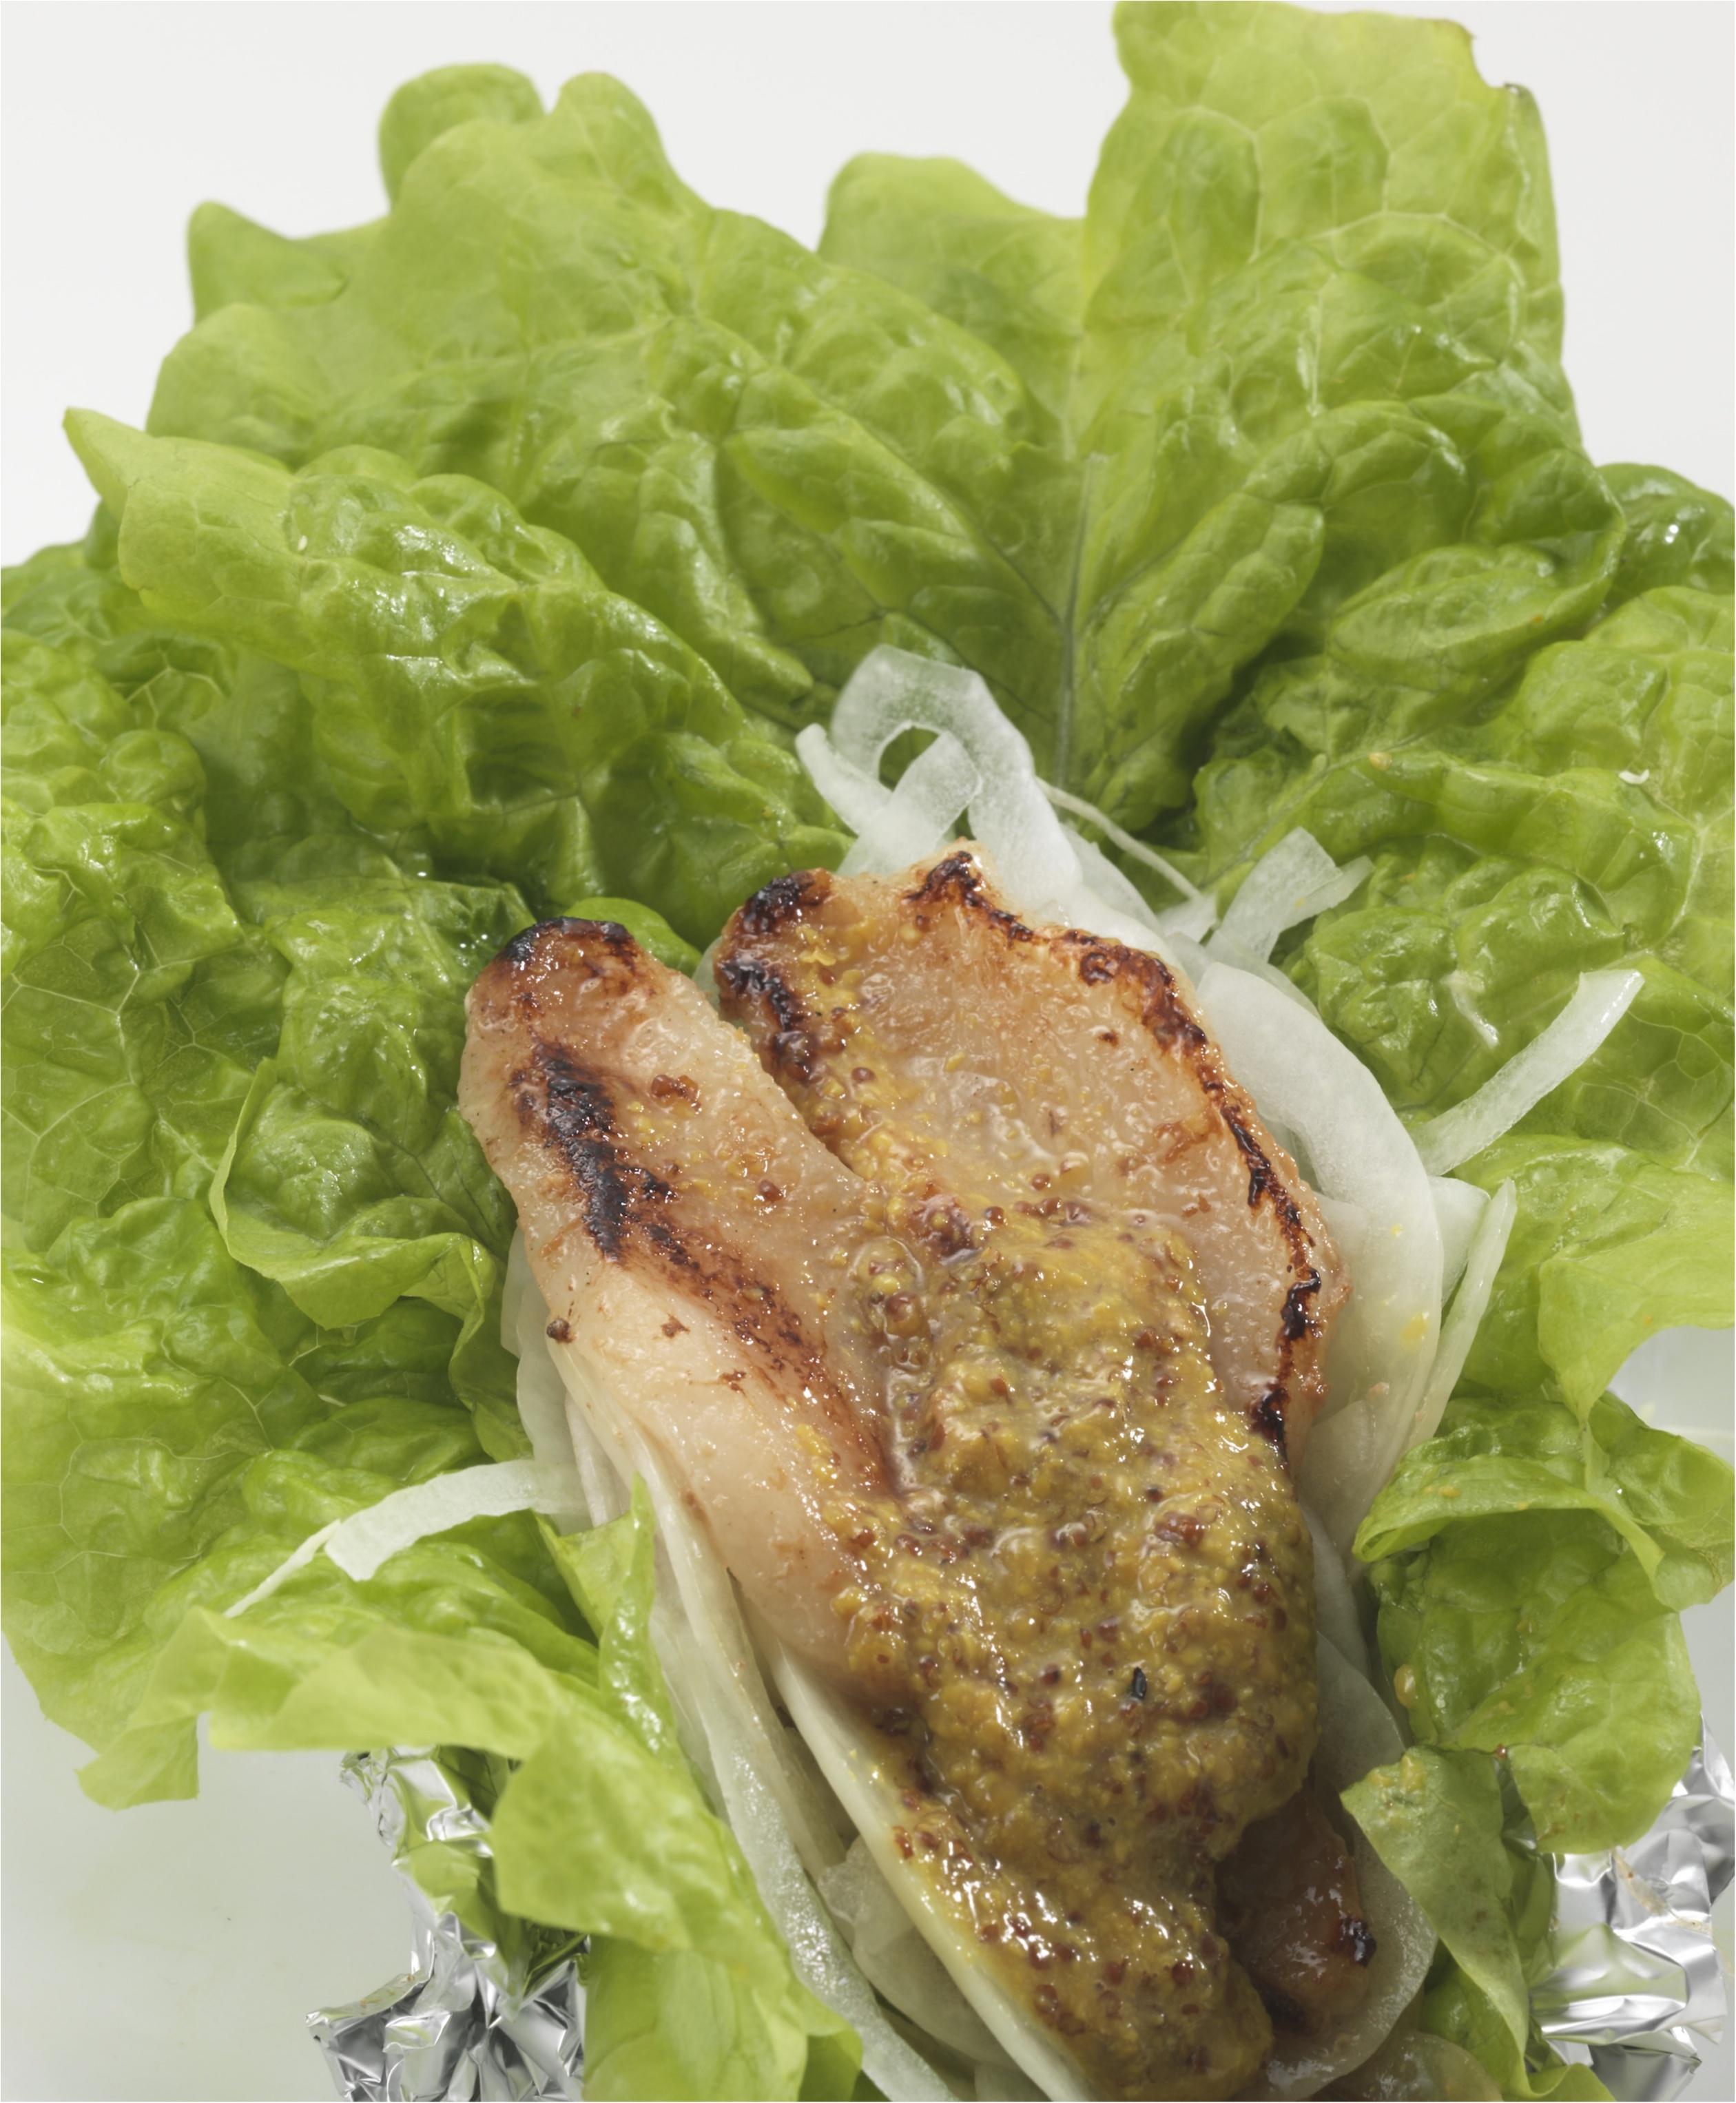 『牛角』じゃなくて『ベジカク』!? パクチー好きも必見♡ 今年の夏はお肉と一緒に野菜をモリモリ食べよう♬_2_2